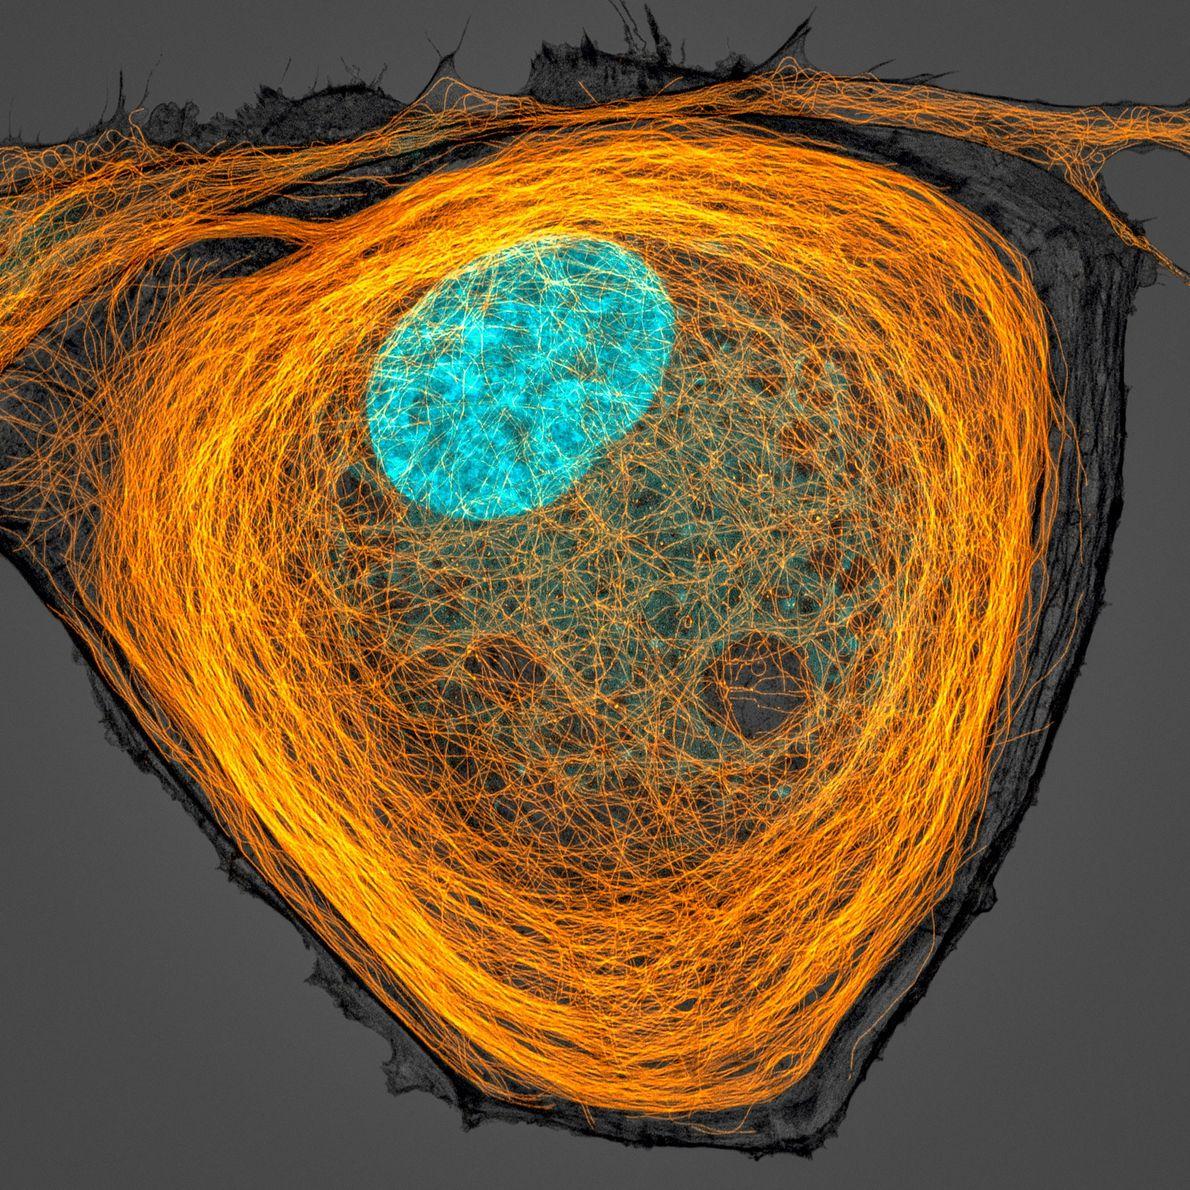 Jason Kirk, da Faculdade de Medicina Baylor, captou um núcleo colorido (a azul) rodeado por segmentos ...